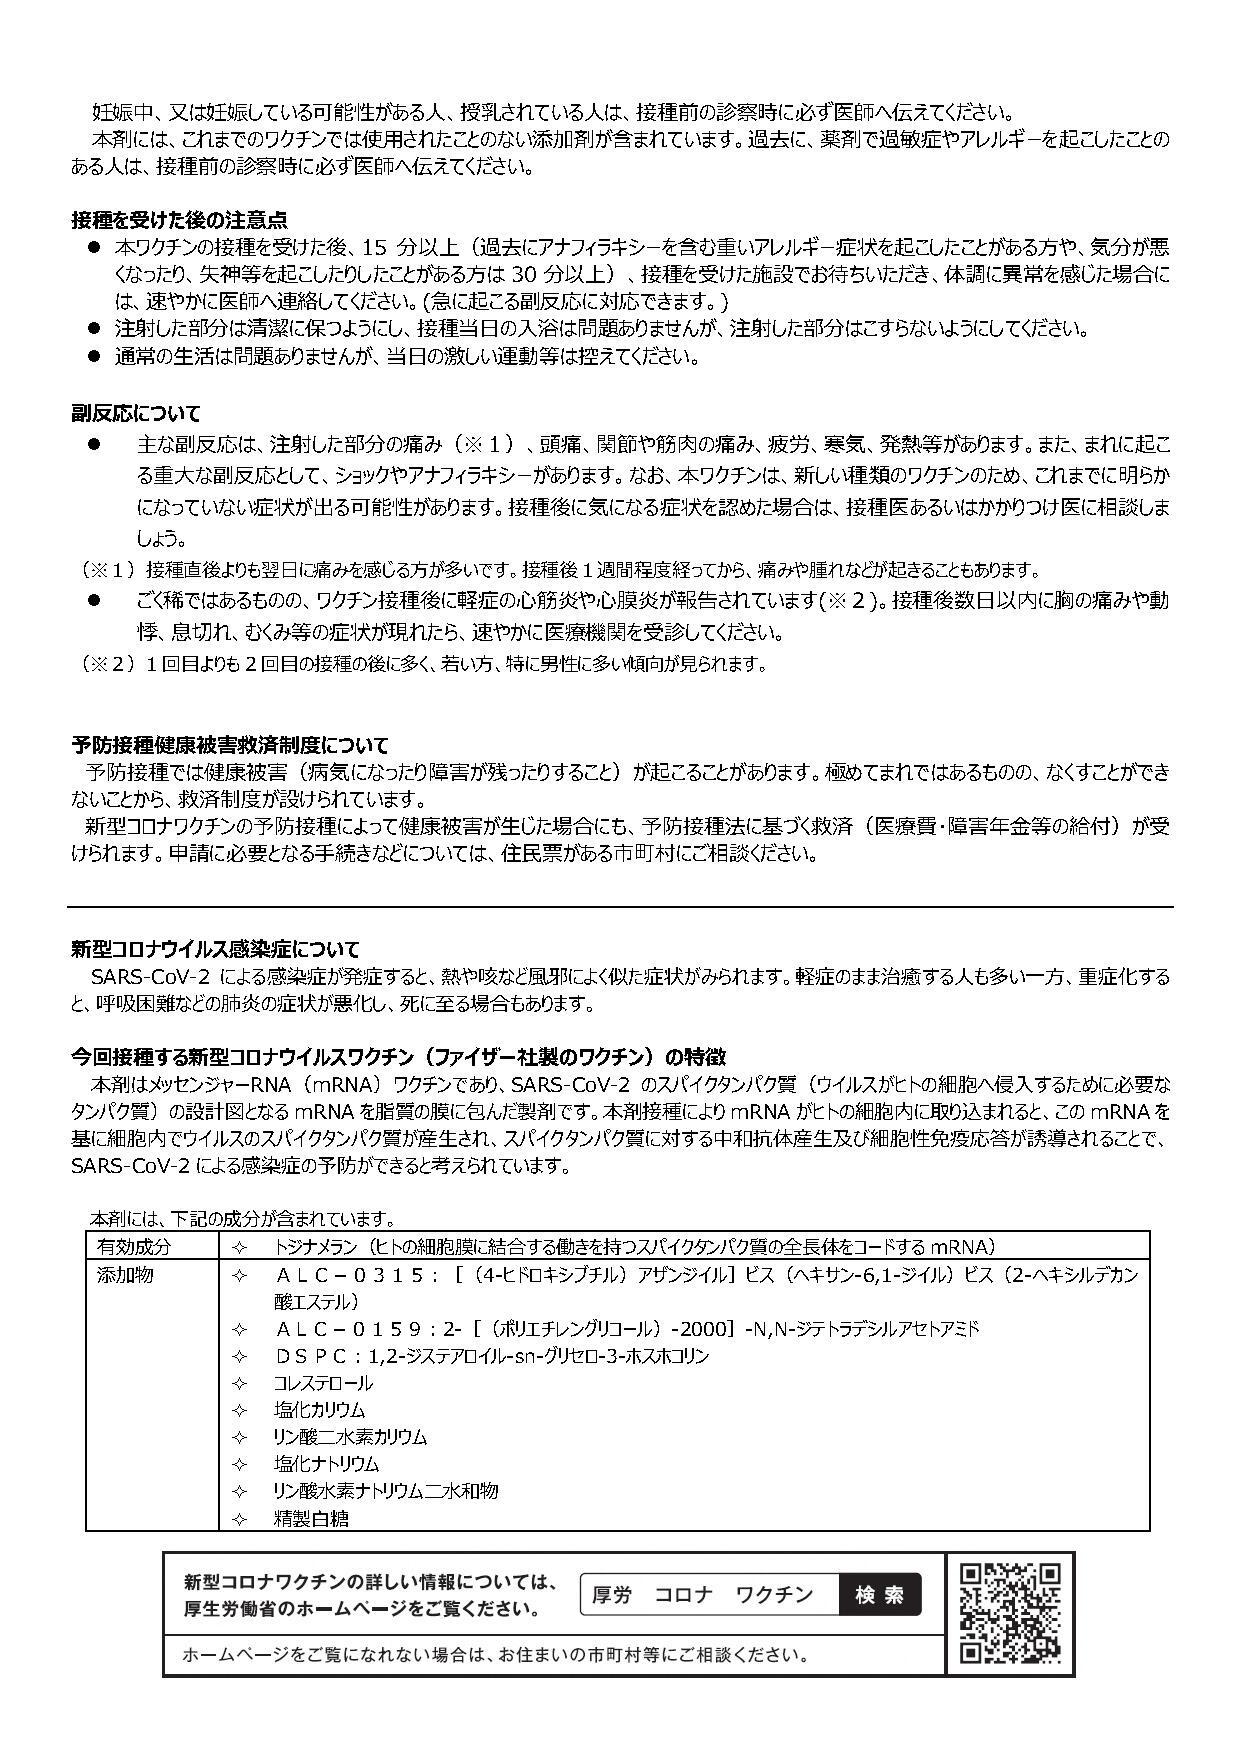 vaccinesetsumei_pfizer02.jpg